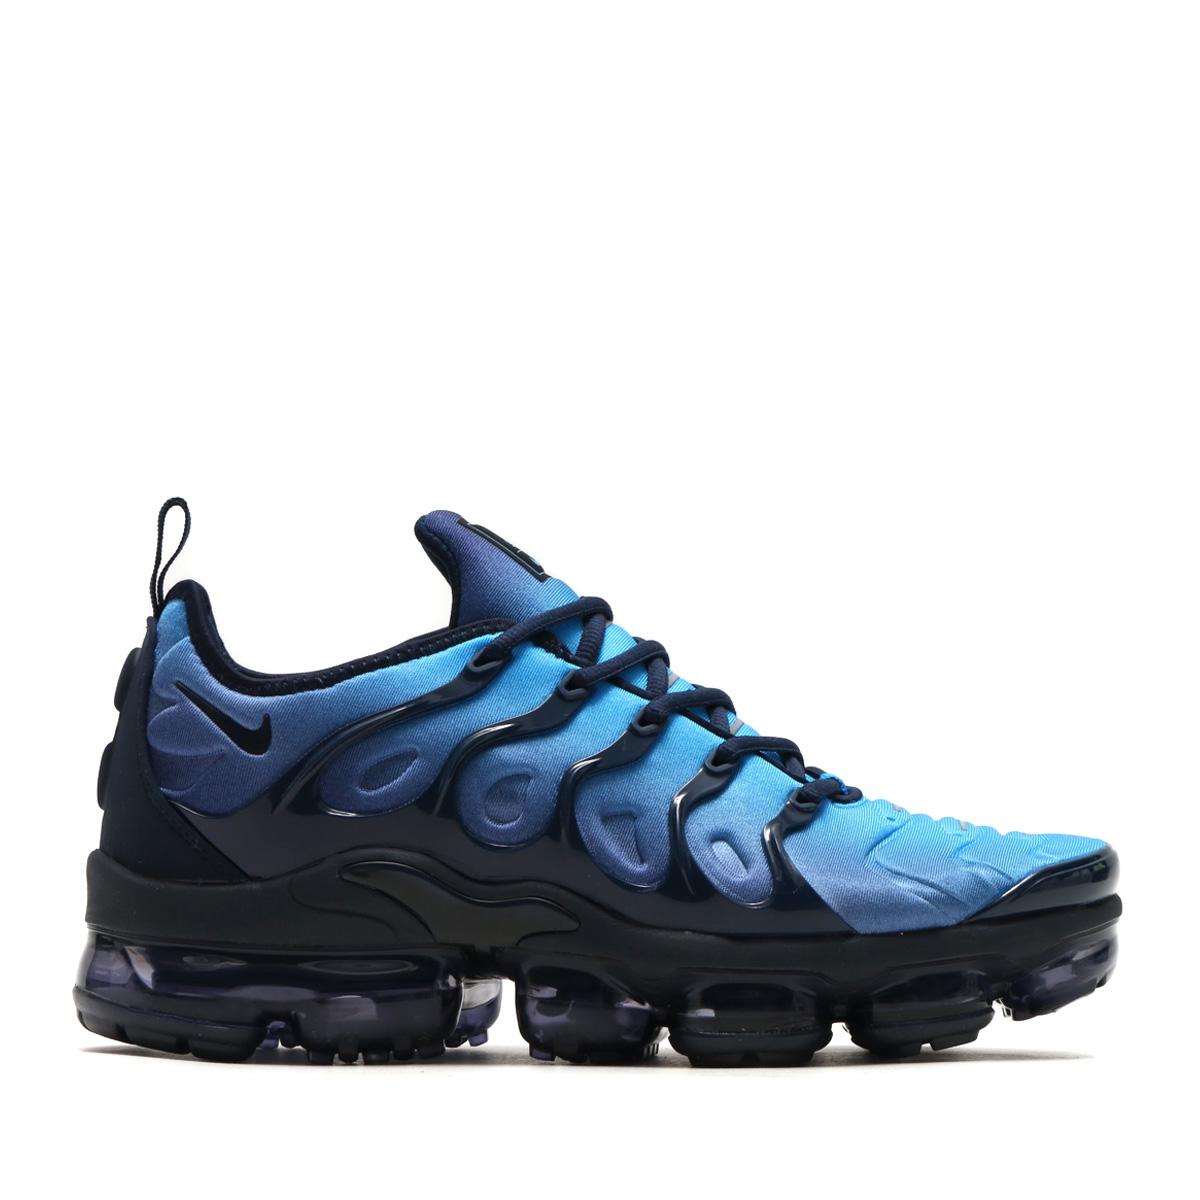 e8d1c458a3f NIKE AIR VAPORMAX PLUS (Nike air vapor max plus) OBSIDIAN OBSIDIAN-PHOTO  BLUE-BLACK 18SS-S